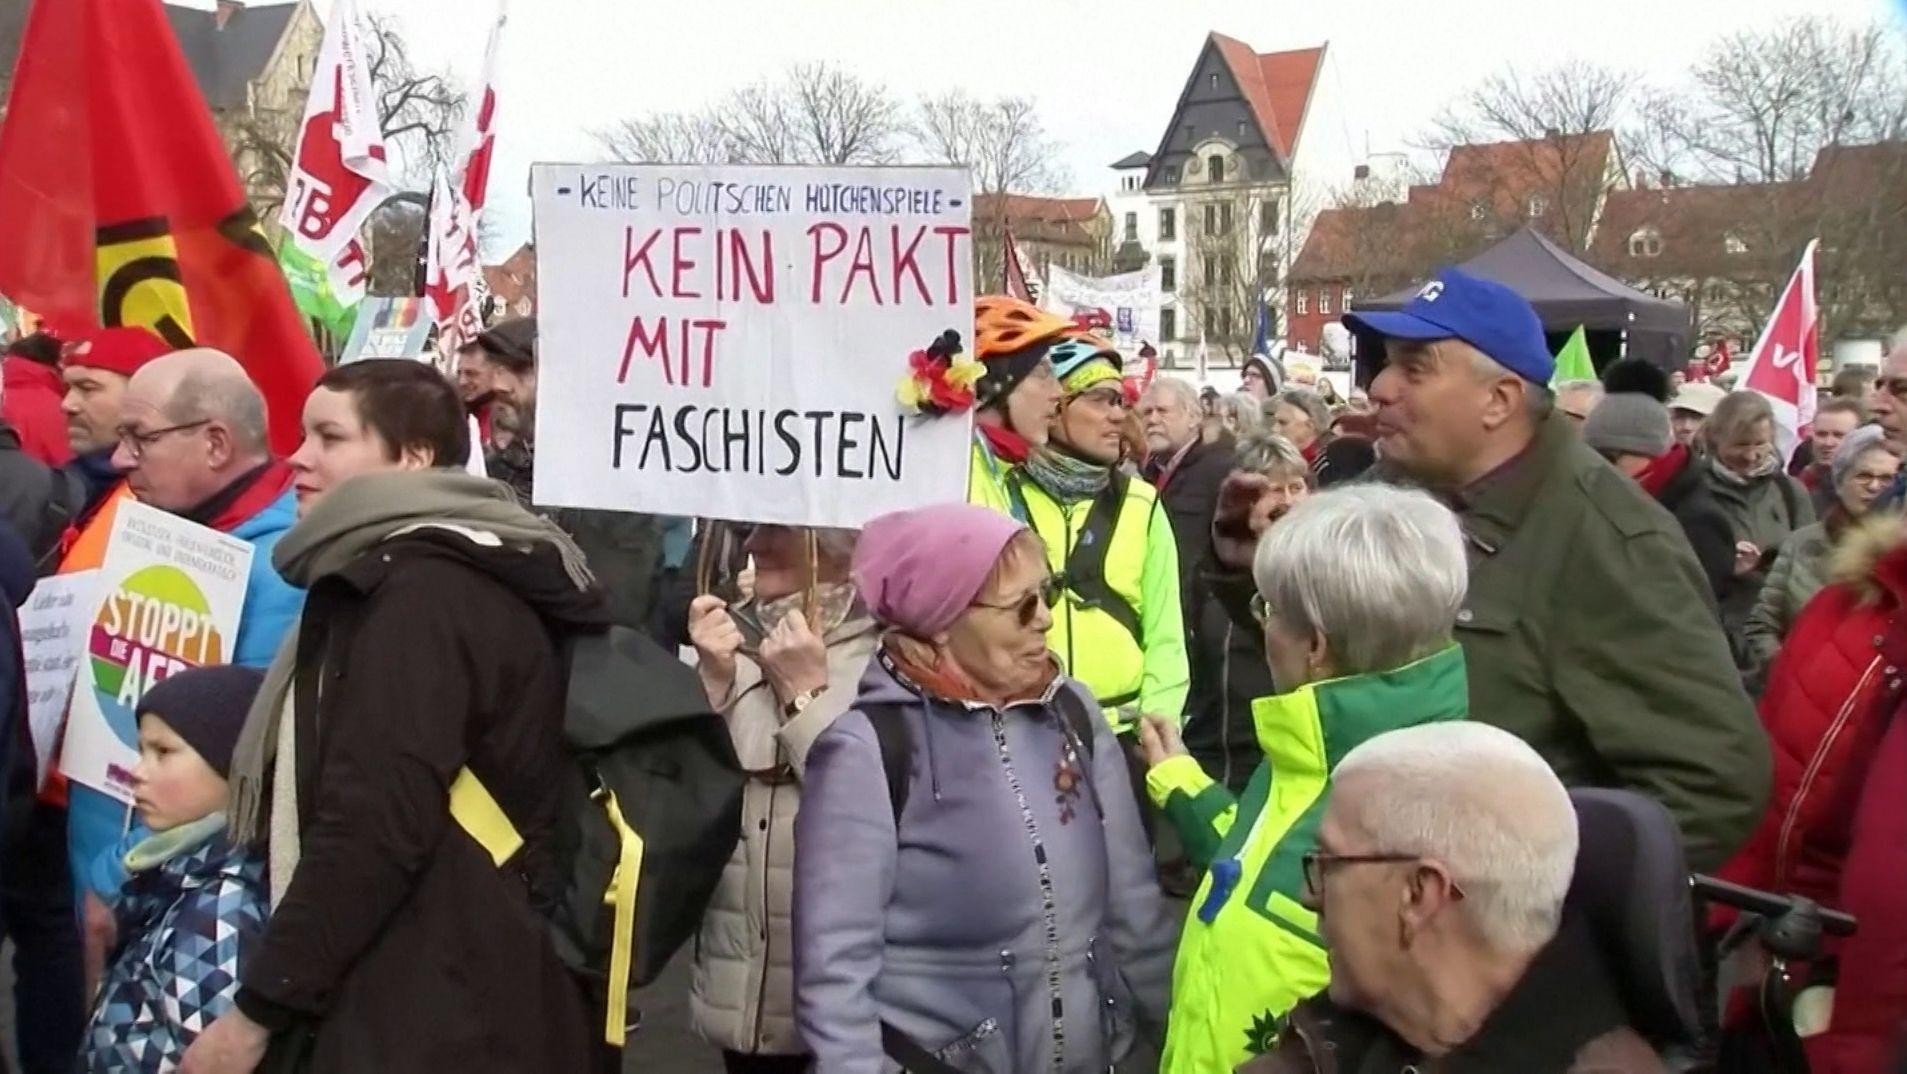 """Demonstranten mit Transparent """"Kein Pakt mit Faschisten"""" in Erfurt"""